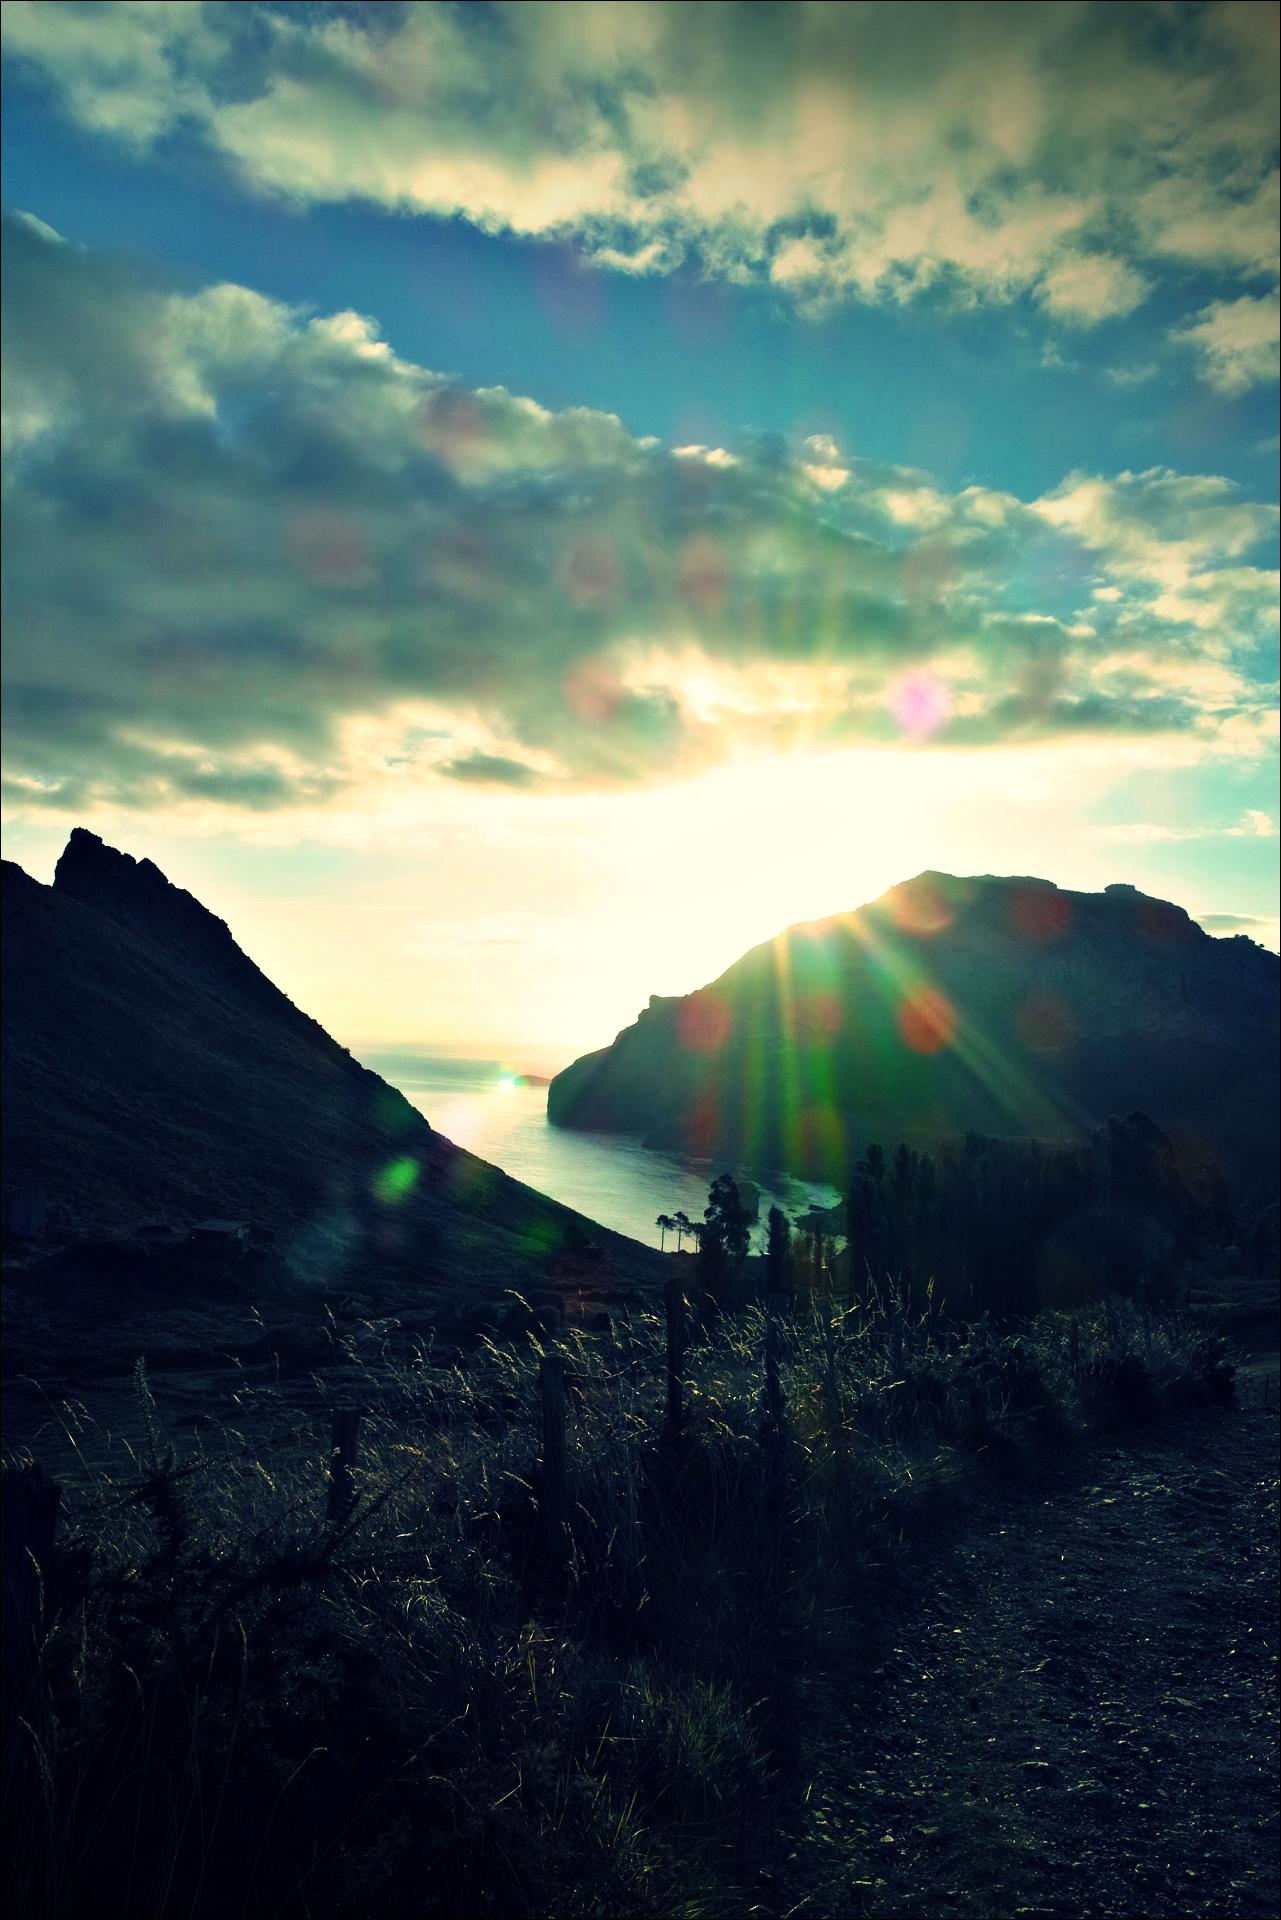 바다-'카미노 데 산티아고 북쪽길. 리엔도에서 산토냐. (Camino del Norte - Liendo to Santoña) '